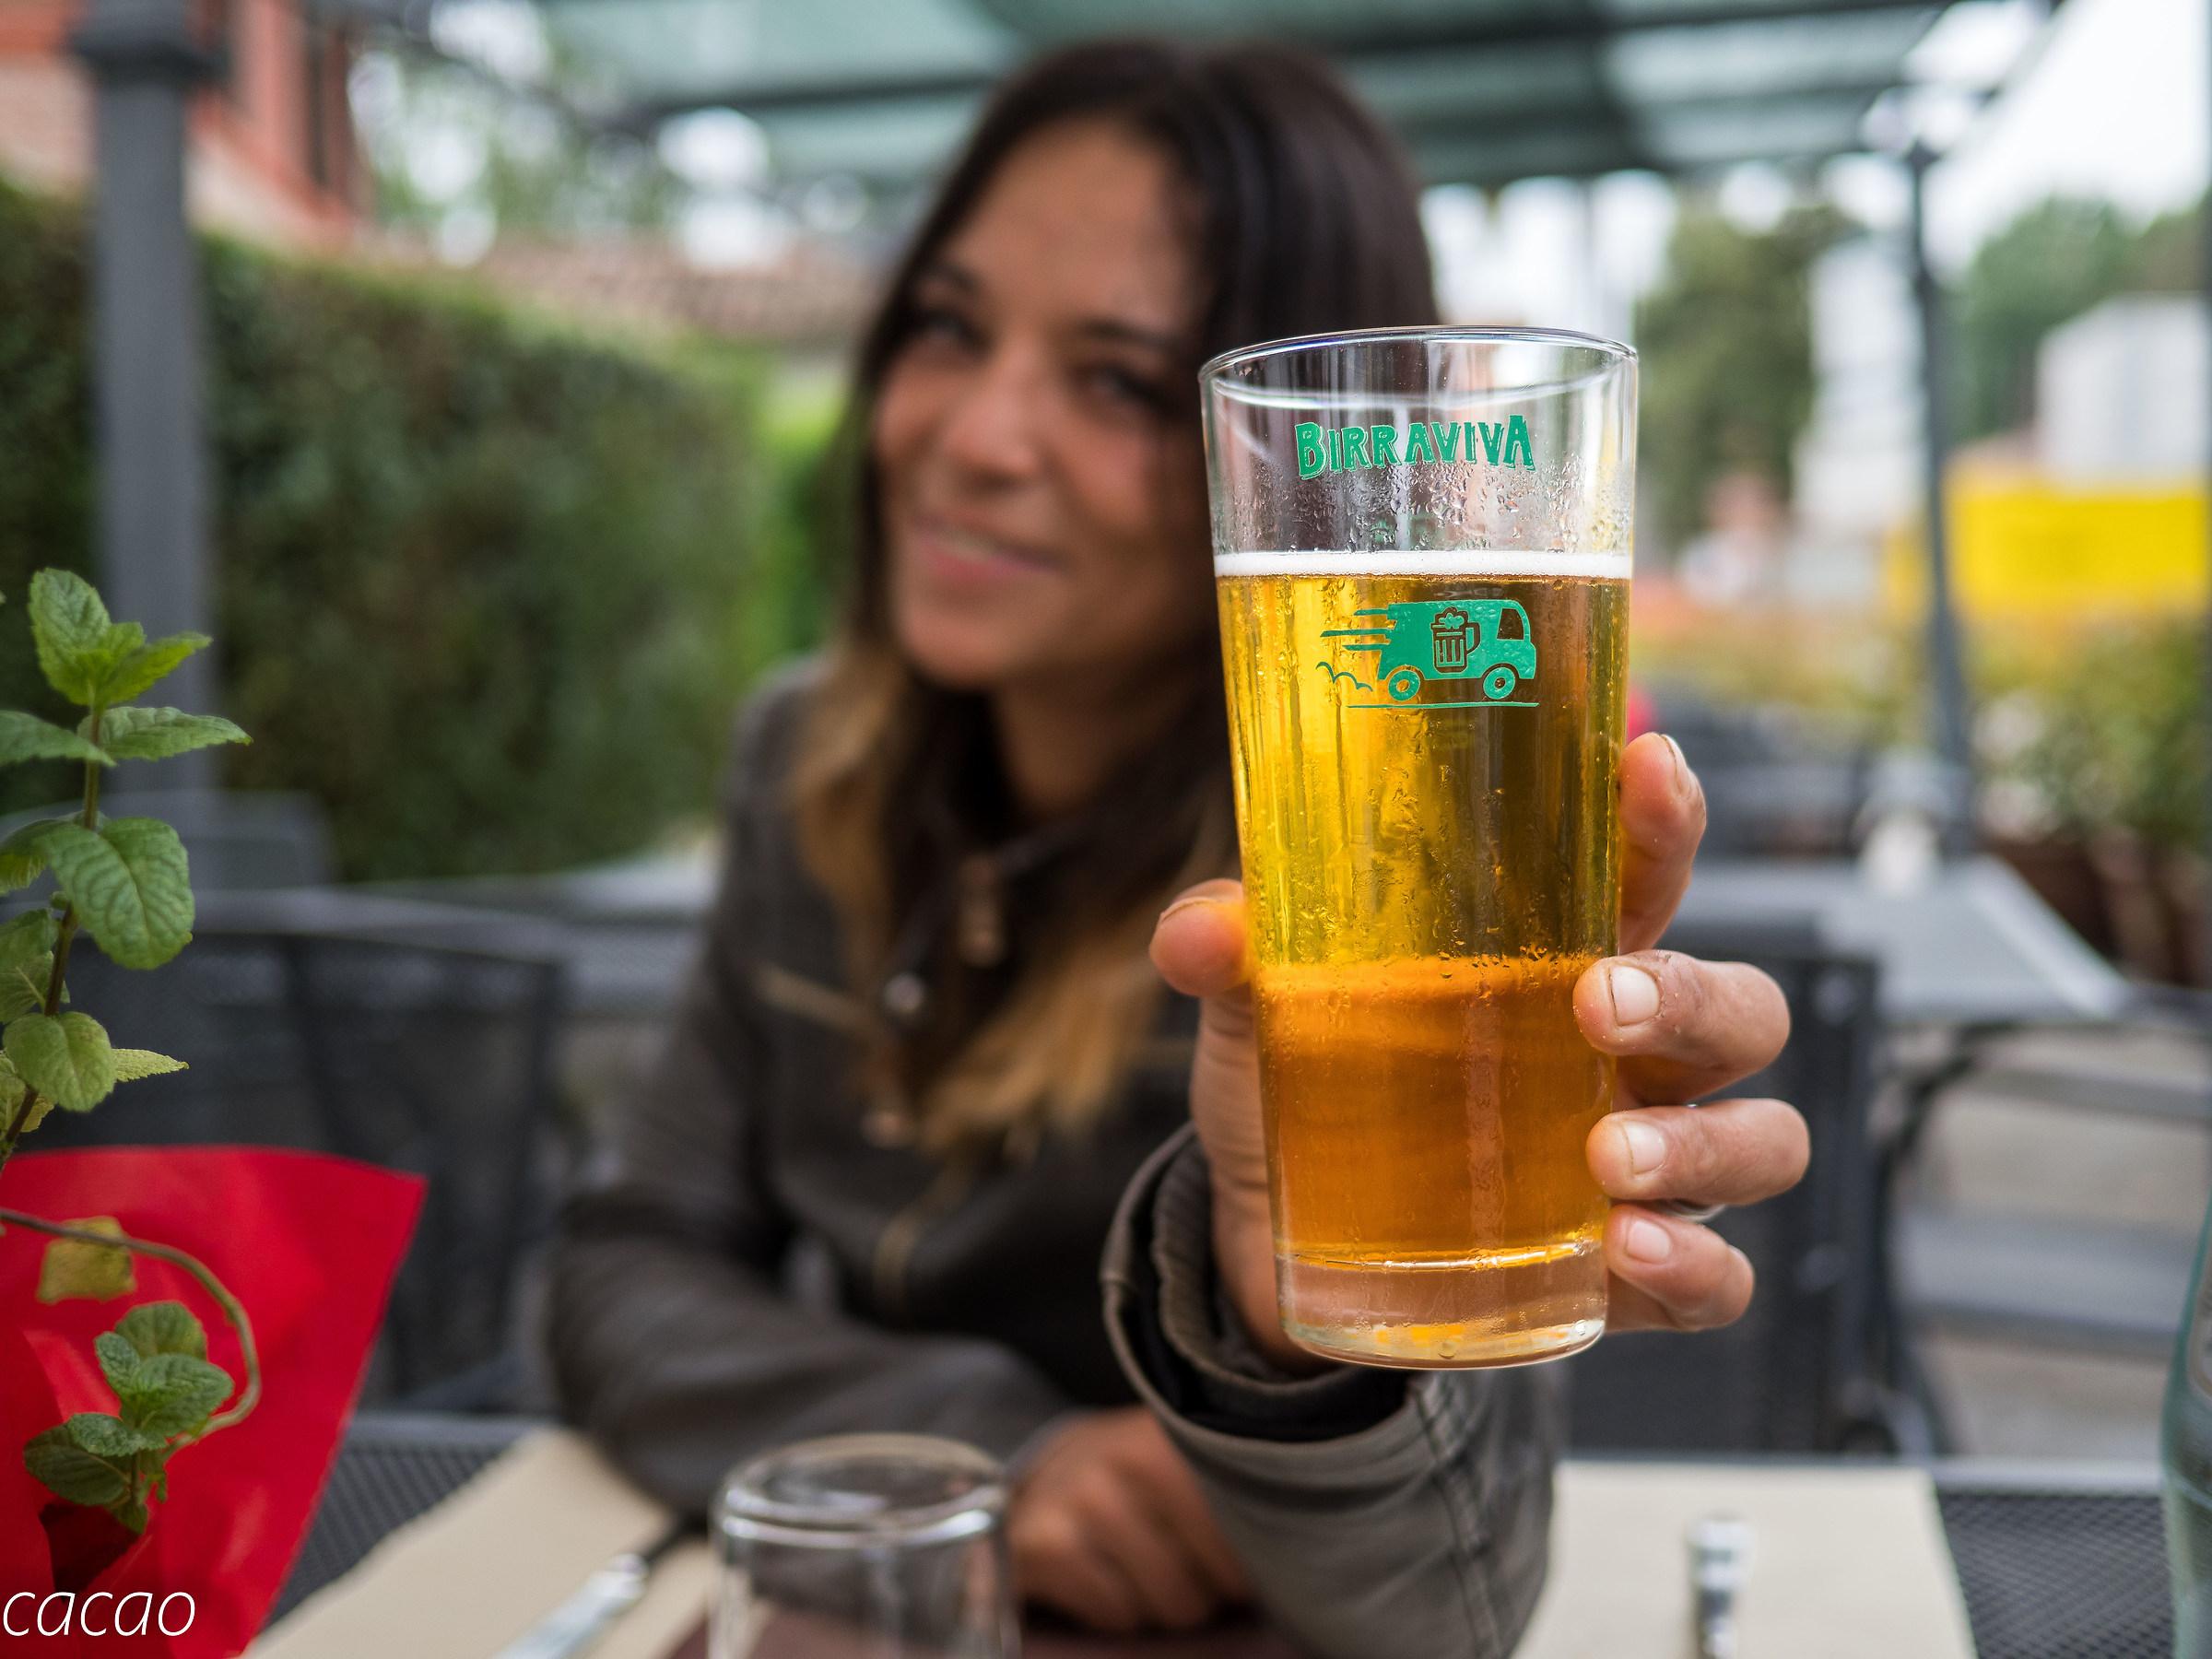 Beer?...